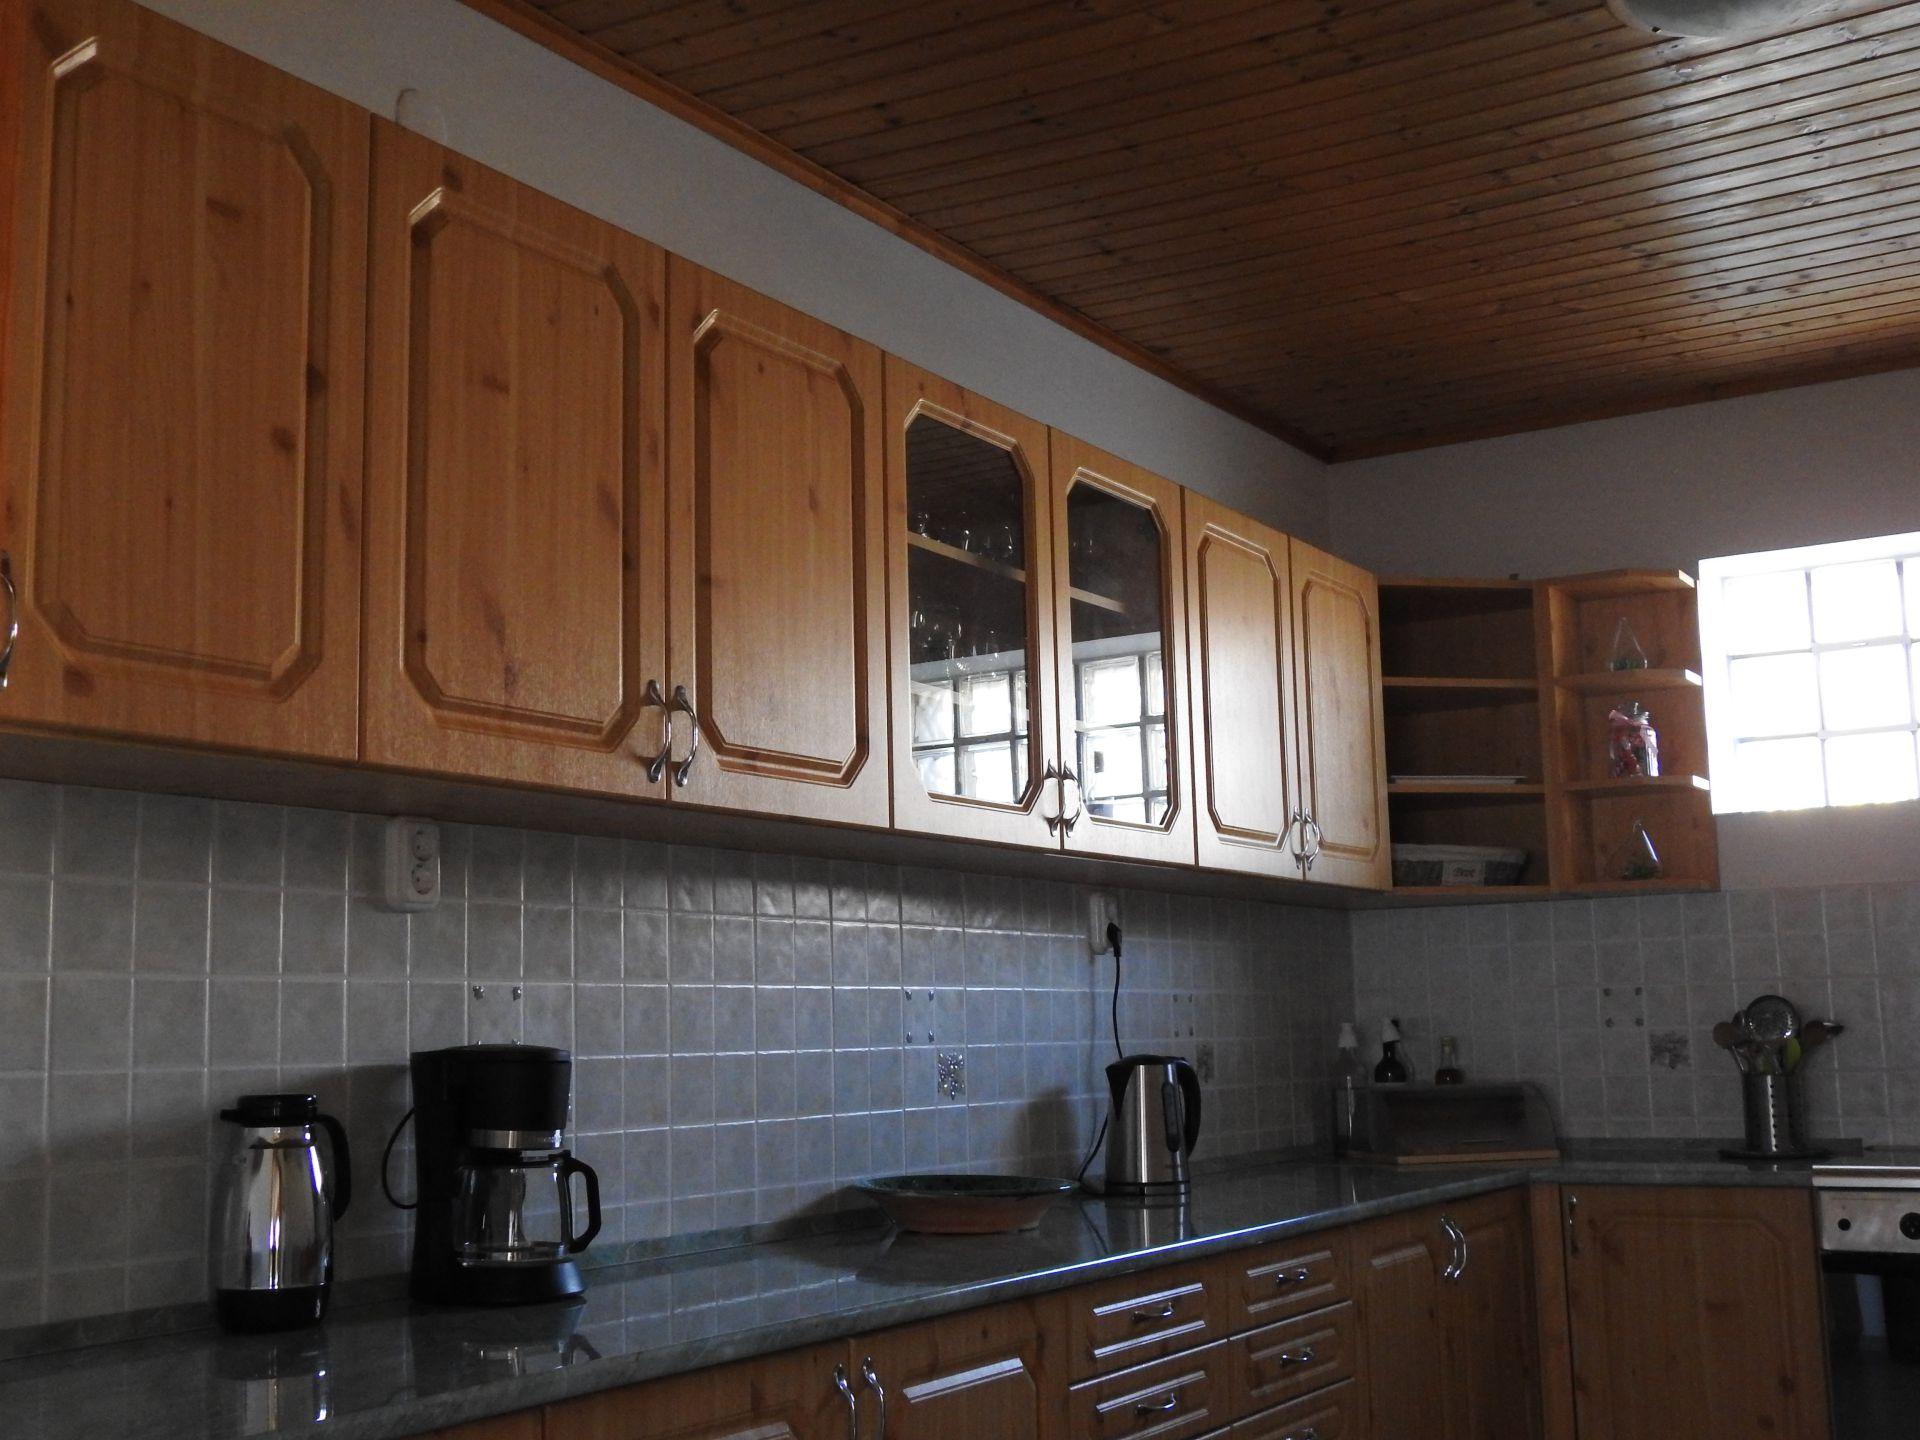 keuken 3 Vakantie Woning Hongarije